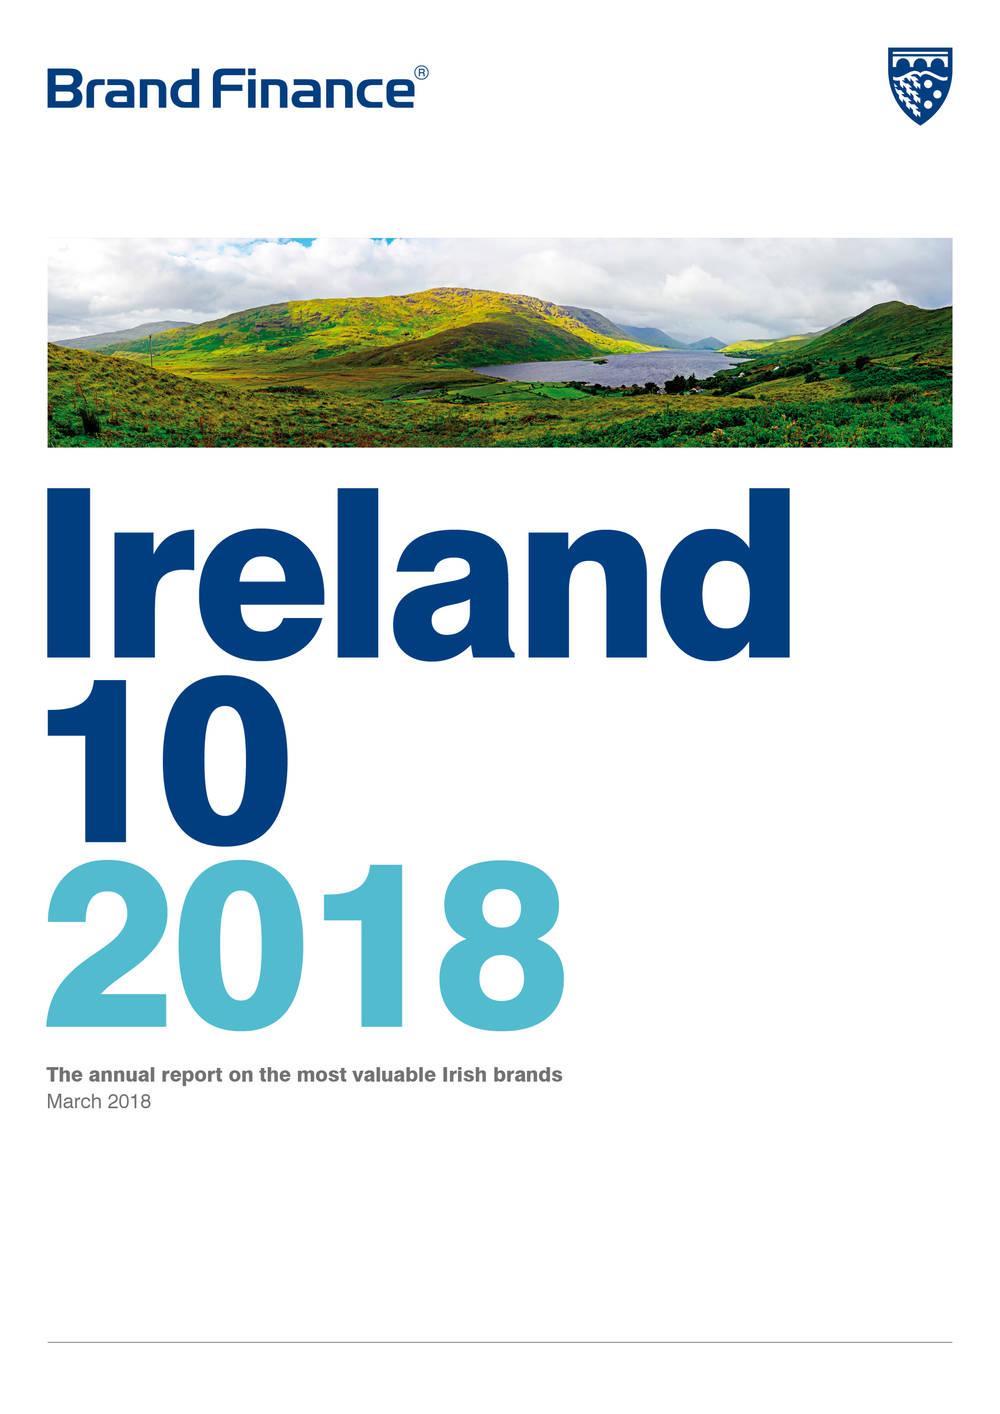 Brand Finance Ireland 10 2018